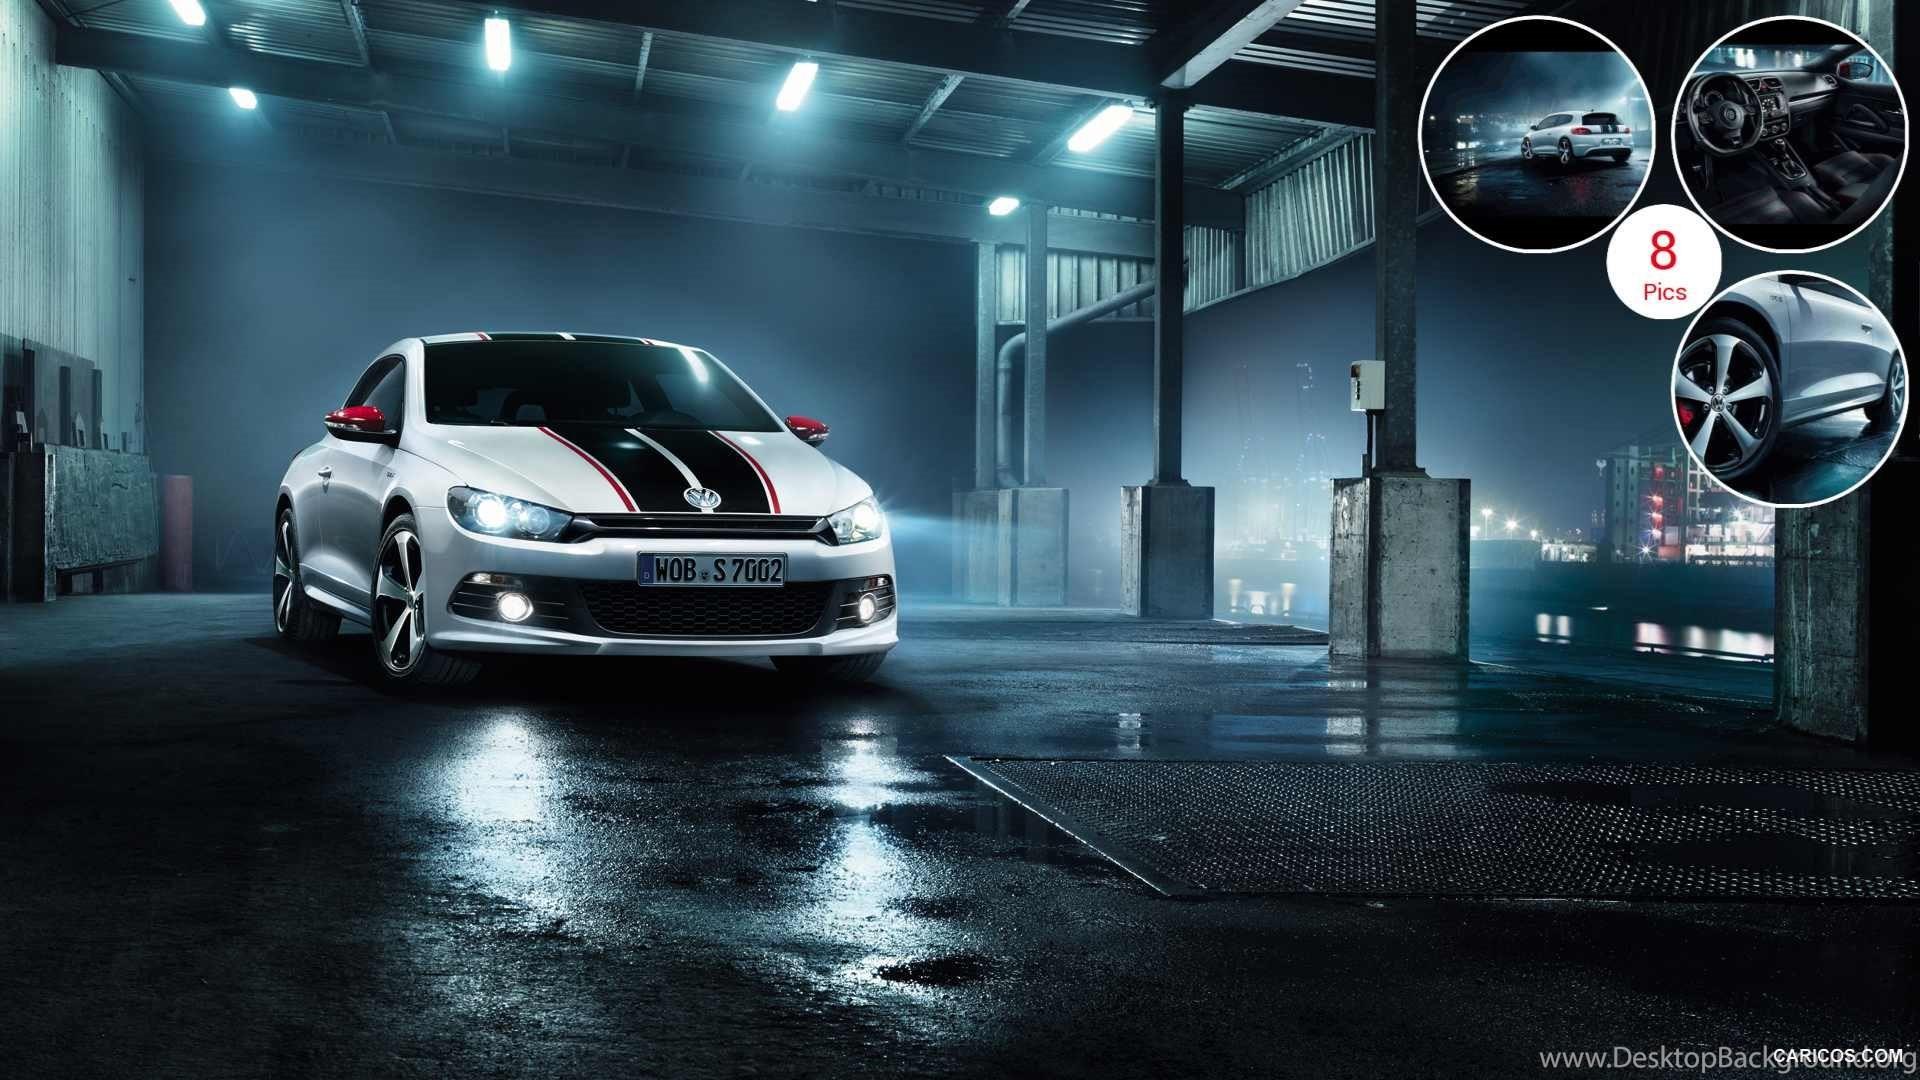 Volkswagen Desktop Background